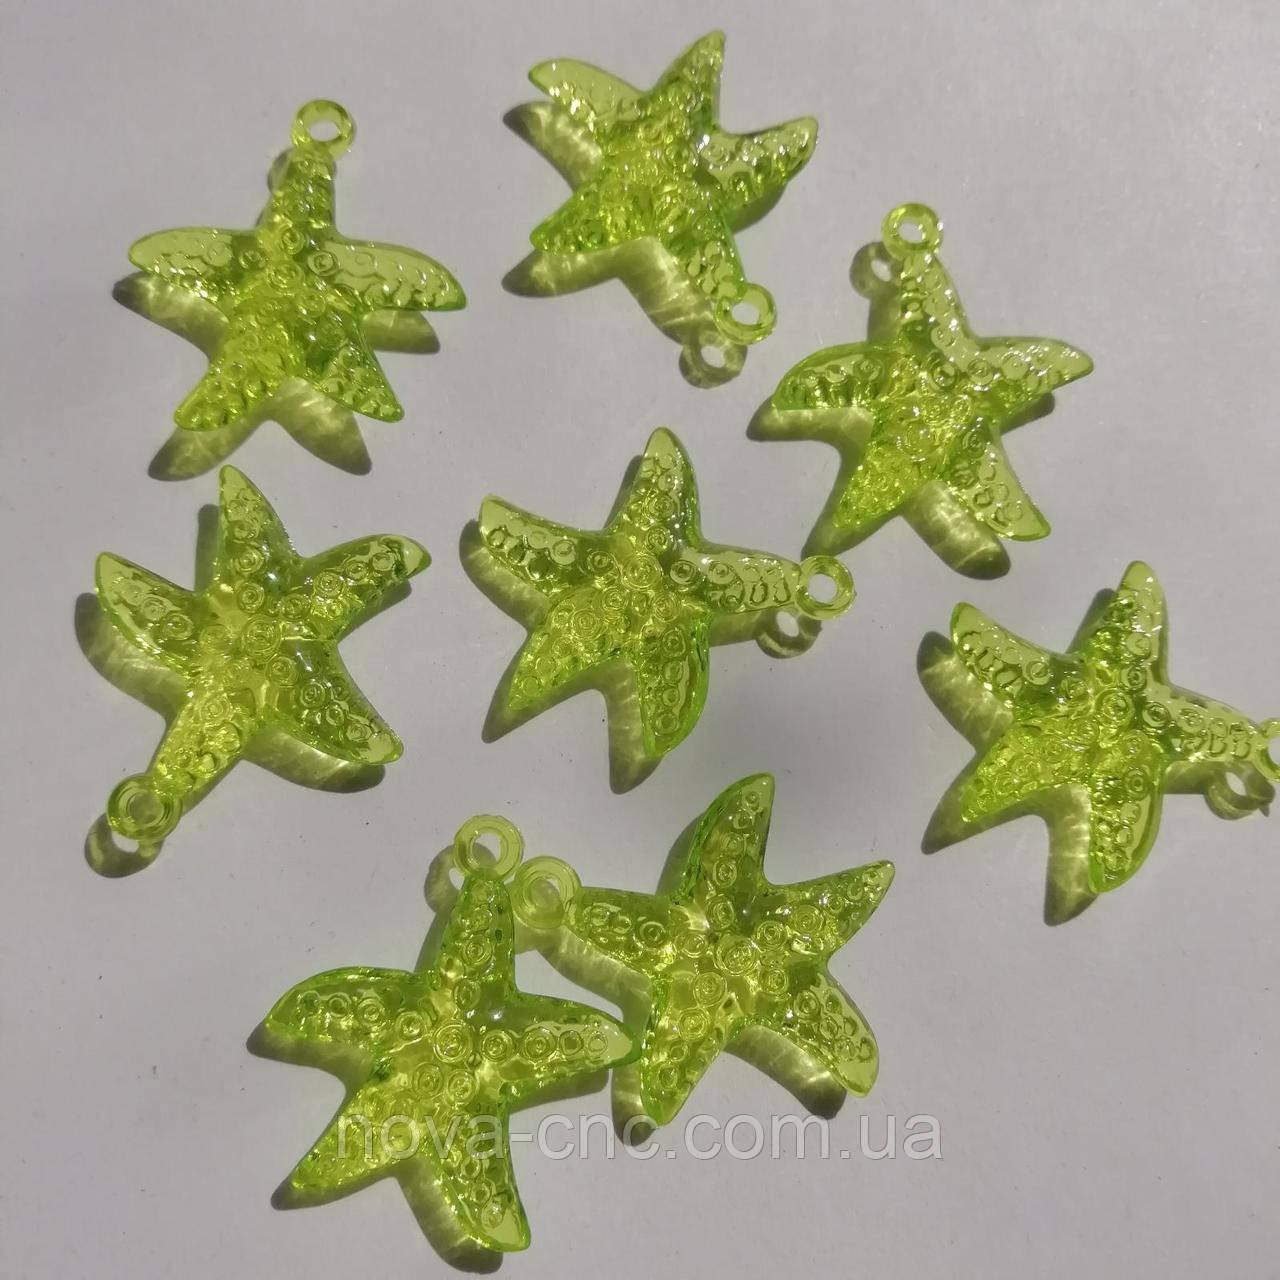 """Подвески акрил """"Морские звезды"""" салатовый 25 мм 500 грамм"""